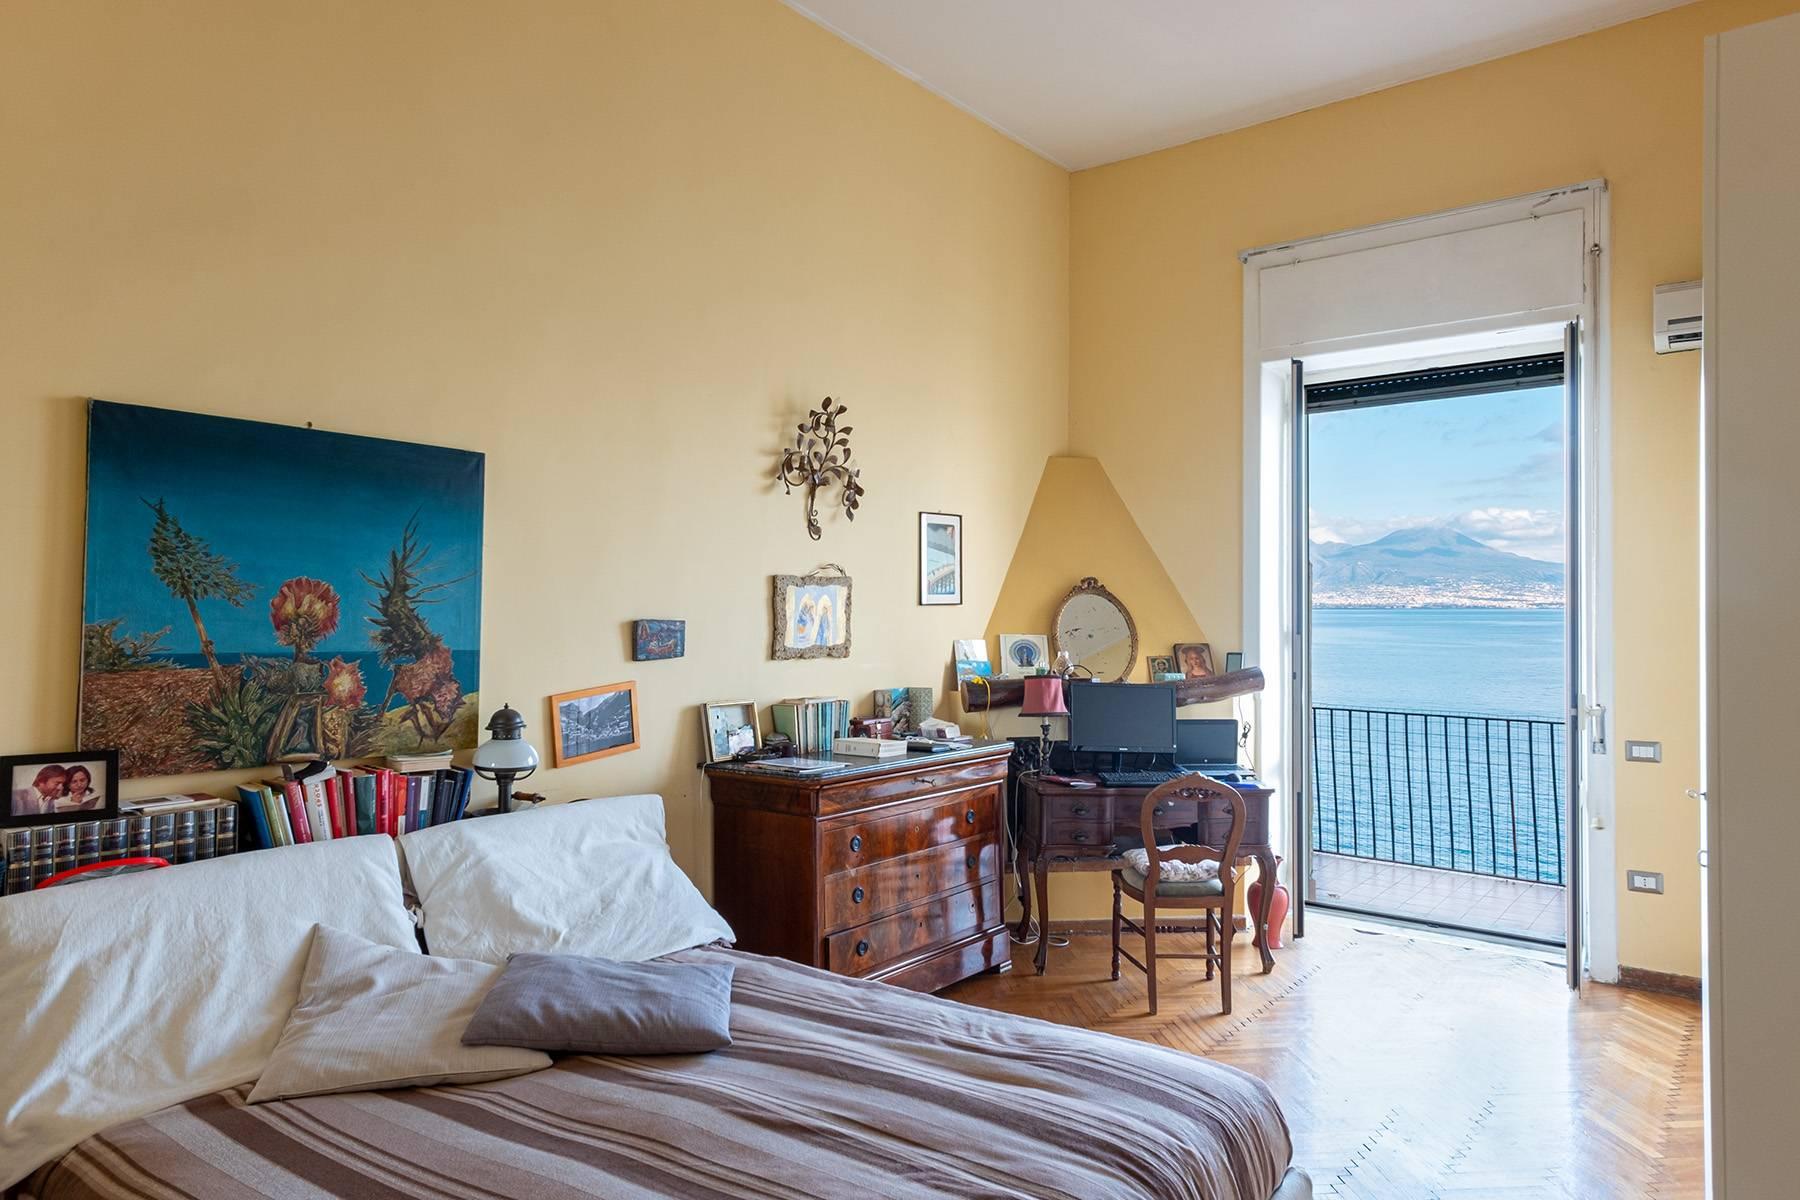 Первая линия моря! Потрясающие апартаменты в старинной вилле в Неаполе, Италия - 18